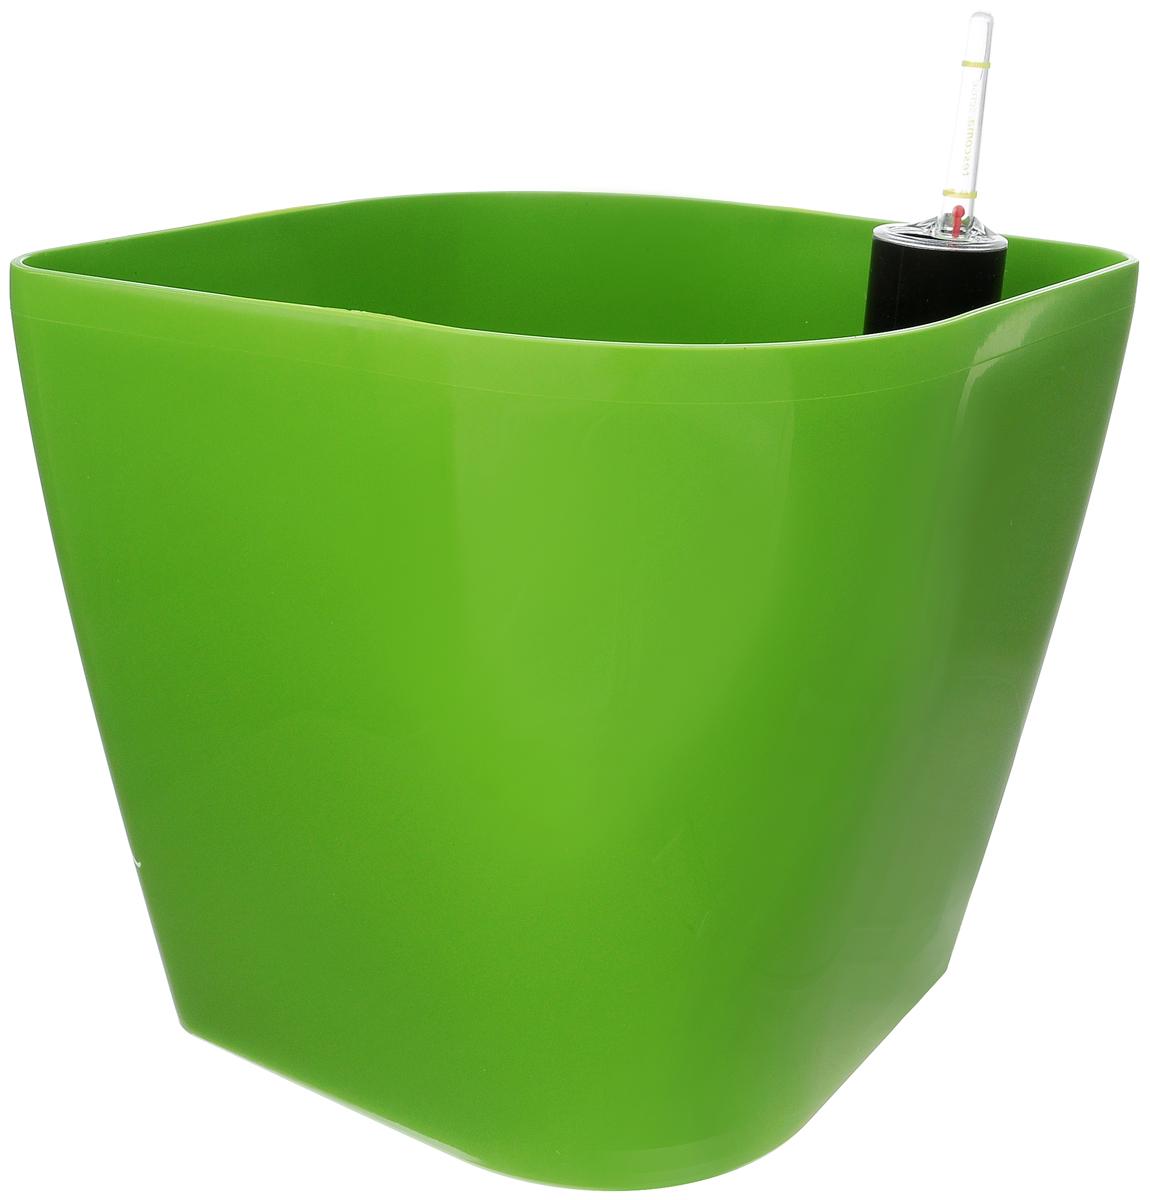 Горшок цветочный Tescoma Sense, с самополивом, цвет: зеленый, 20 х 20 х 20 смHS.040007Цветочный горшок Tescoma Sense изготовлен из прочного пластика. Снабжен системой самополива, которая позволяет растению получать влагу из нижней части горшка непрерывно. Необходимо наполнять резервуар раз в 4-8 недель. Горшок подходит для выращивания растений и кактусов, имеет индикатор уровня воды. Горшок и разделительную сетку можно мыть в посудомоечной машине; не мыть индикатор уровня воды в посудомоечной машине. Инструкция по применению прилагается.